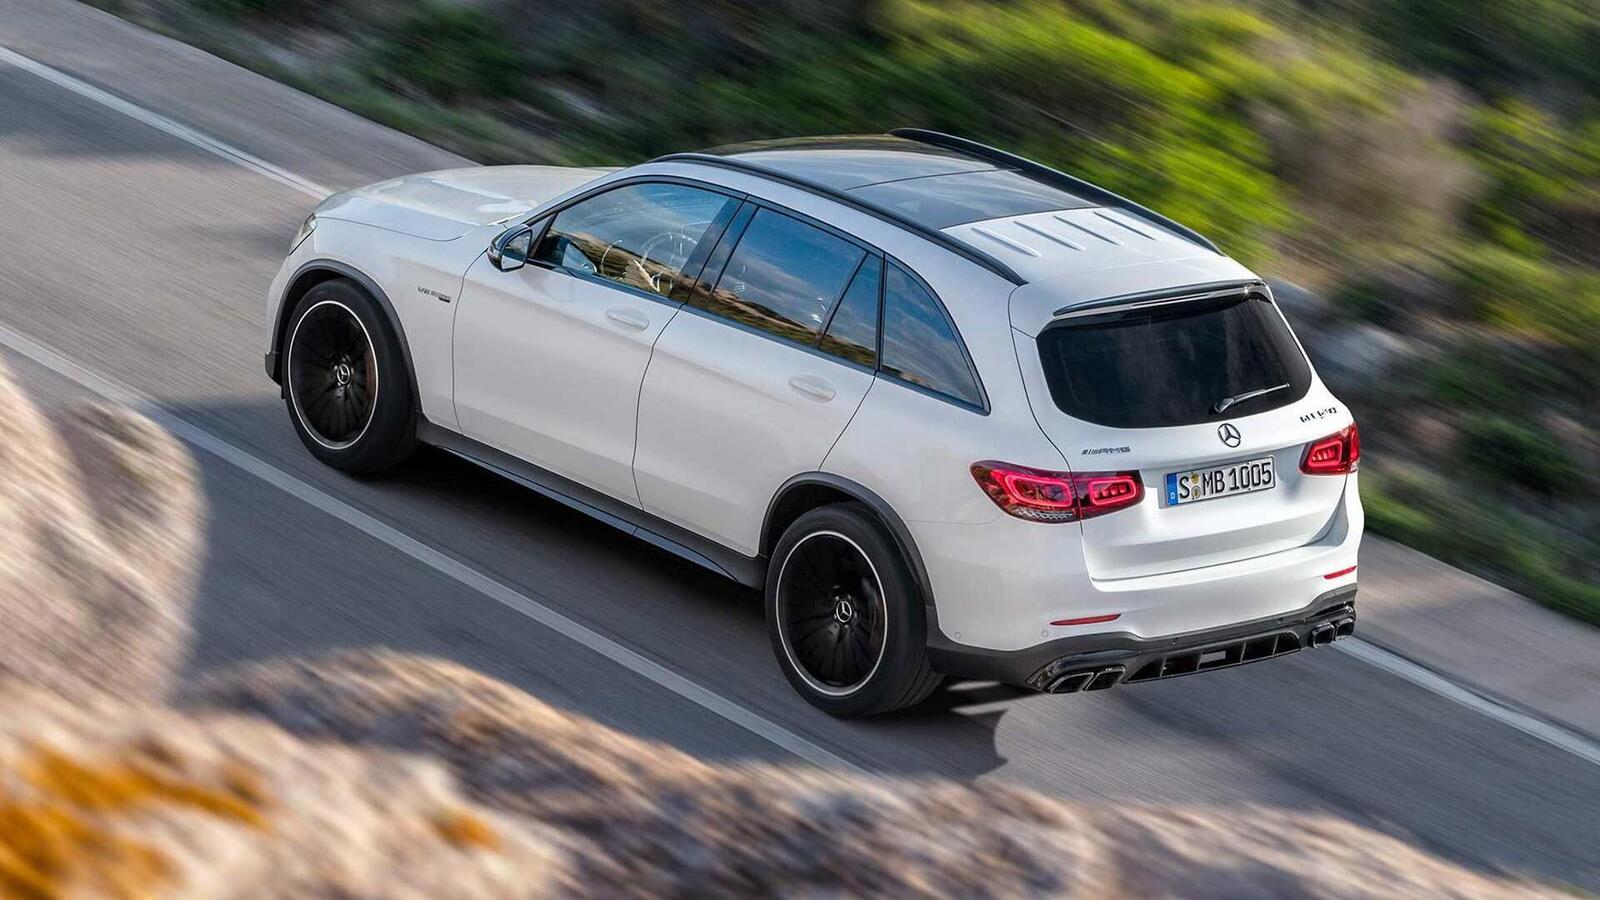 Mercedes-AMG giới thiệu GLC và GLC Coupe 63 mới lắp động cơ V8 4.0L Biturbo mạnh hơn 460 mã lực - Hình 5